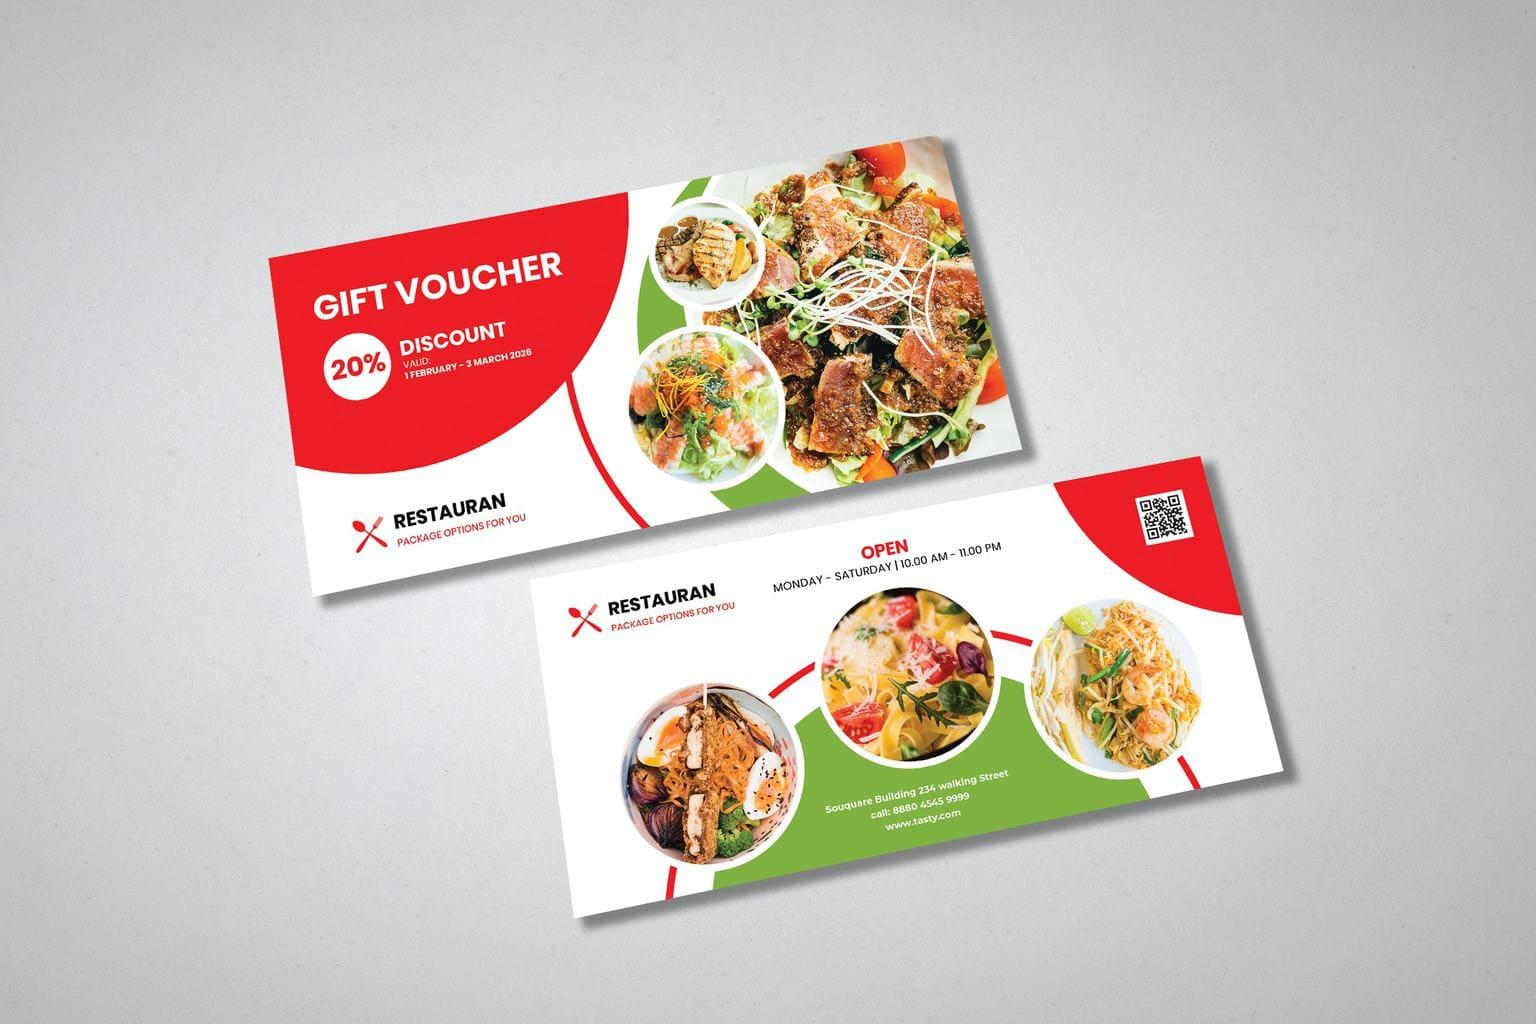 gift card voucher discount favourite resto